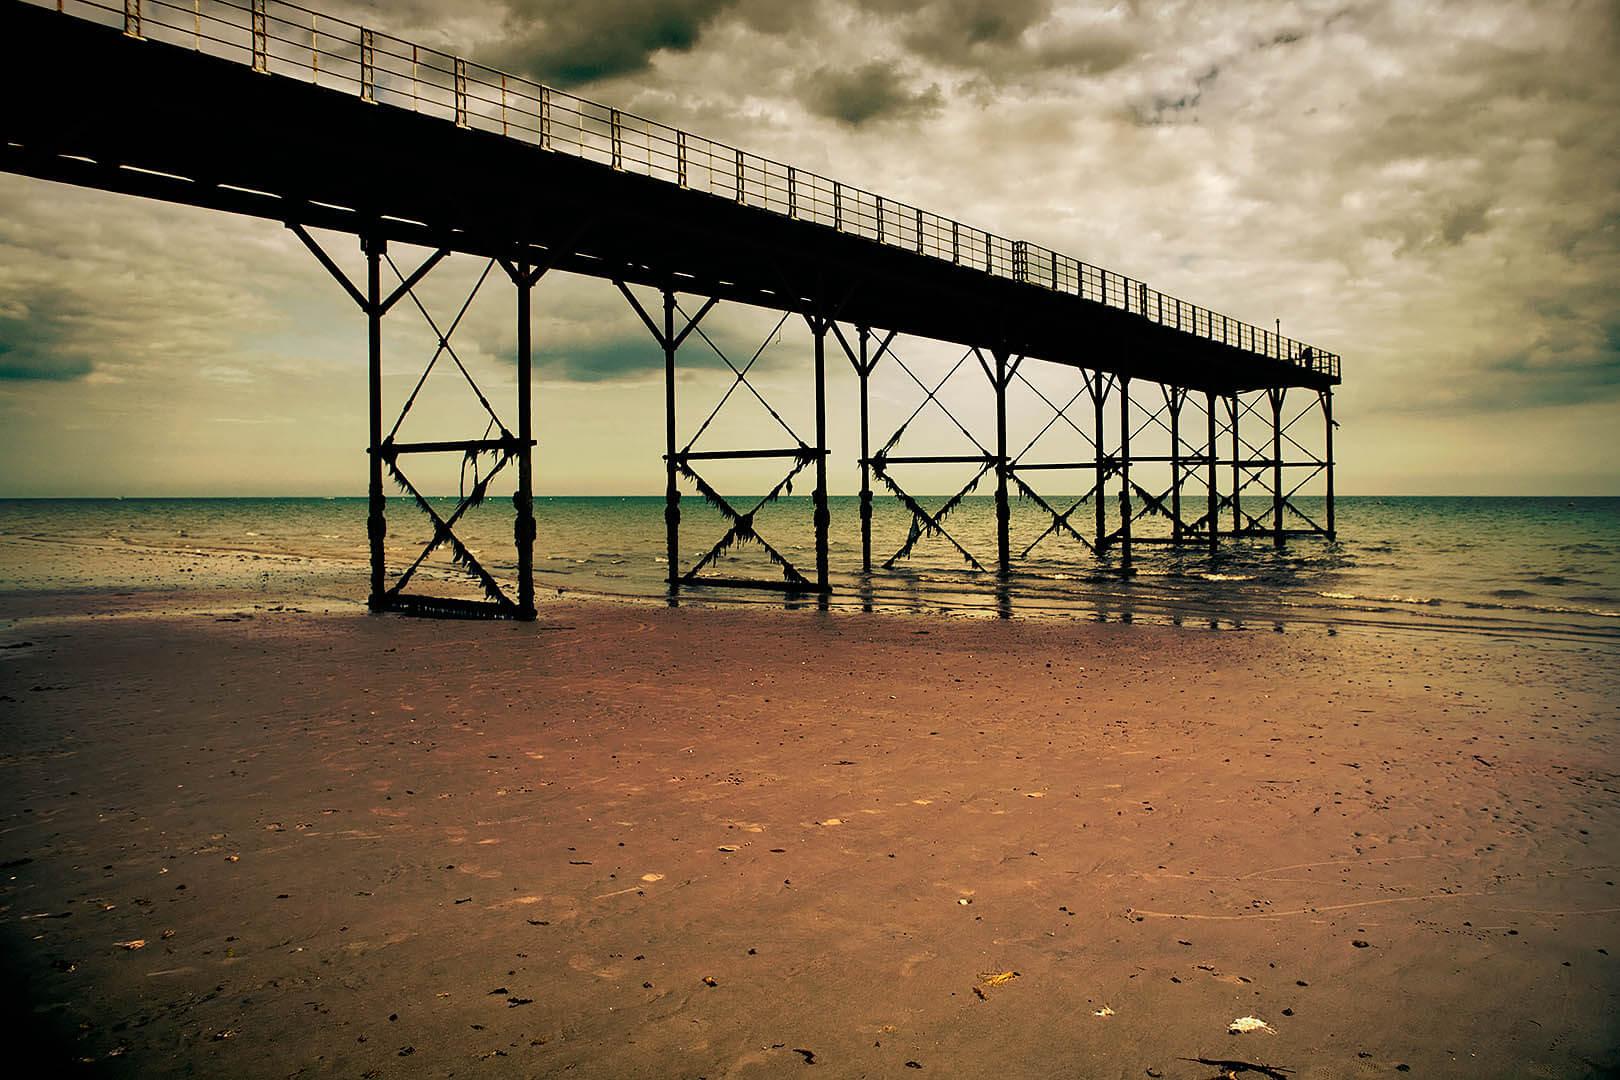 Bognor Regis Pier #1